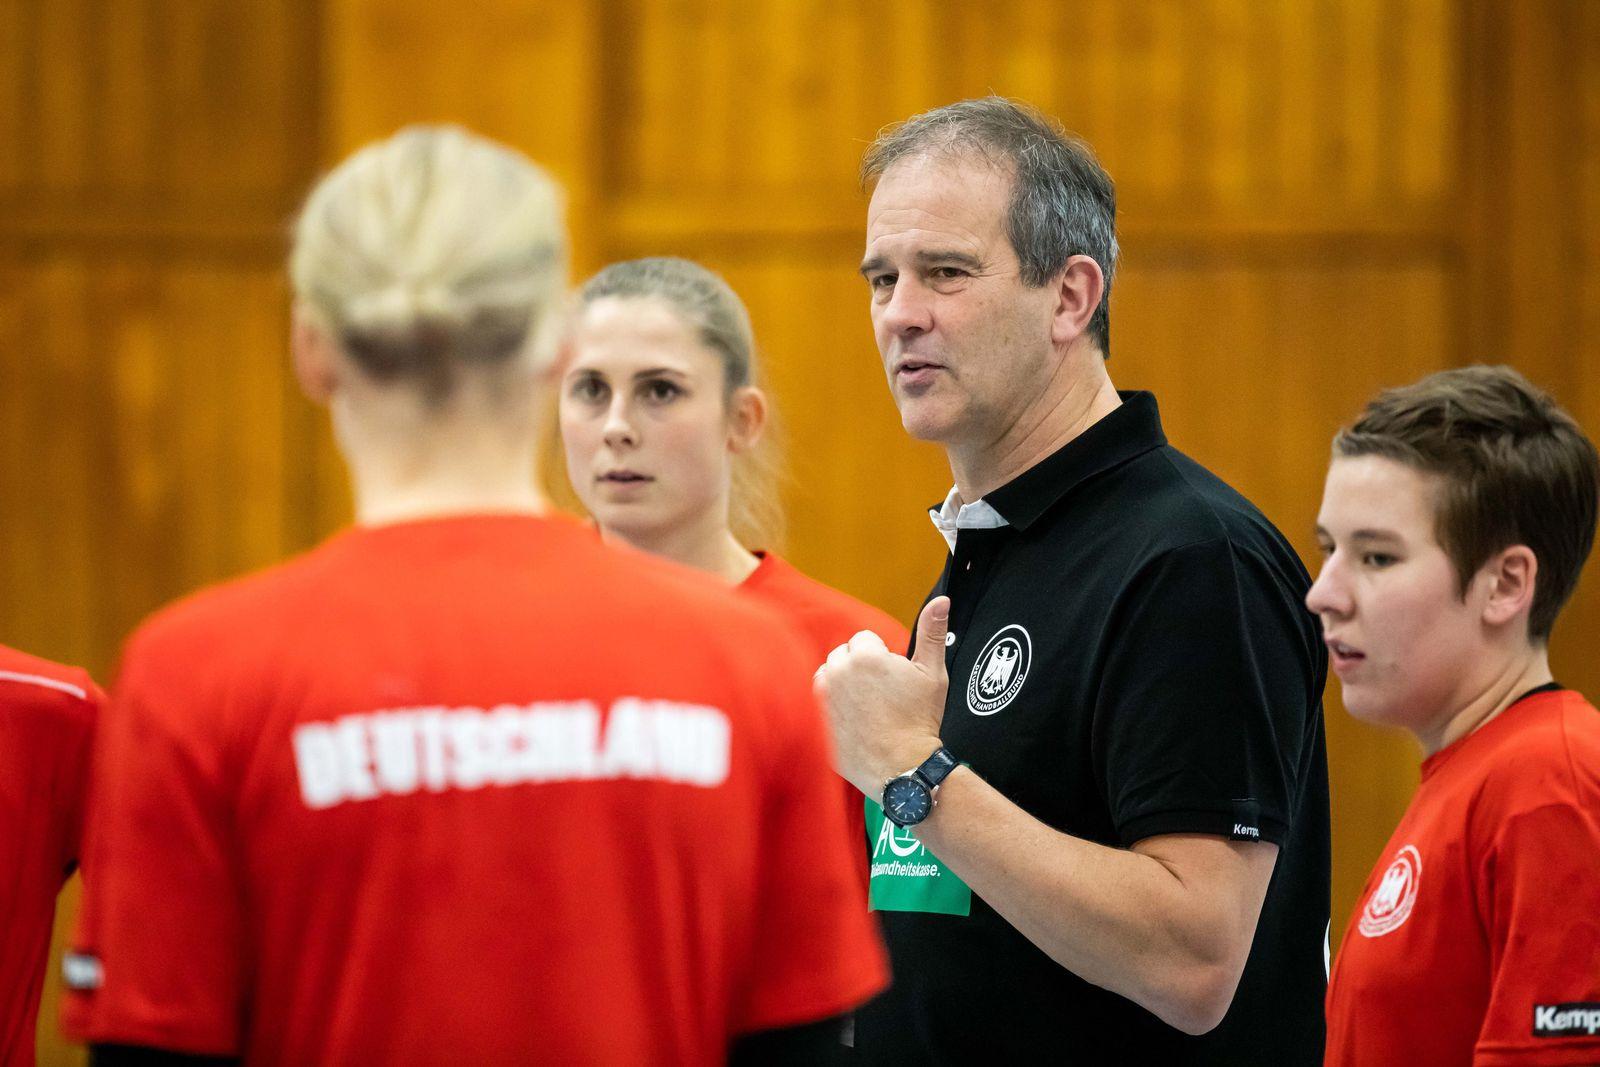 Vor der Handball-WM der Frauen in Japan